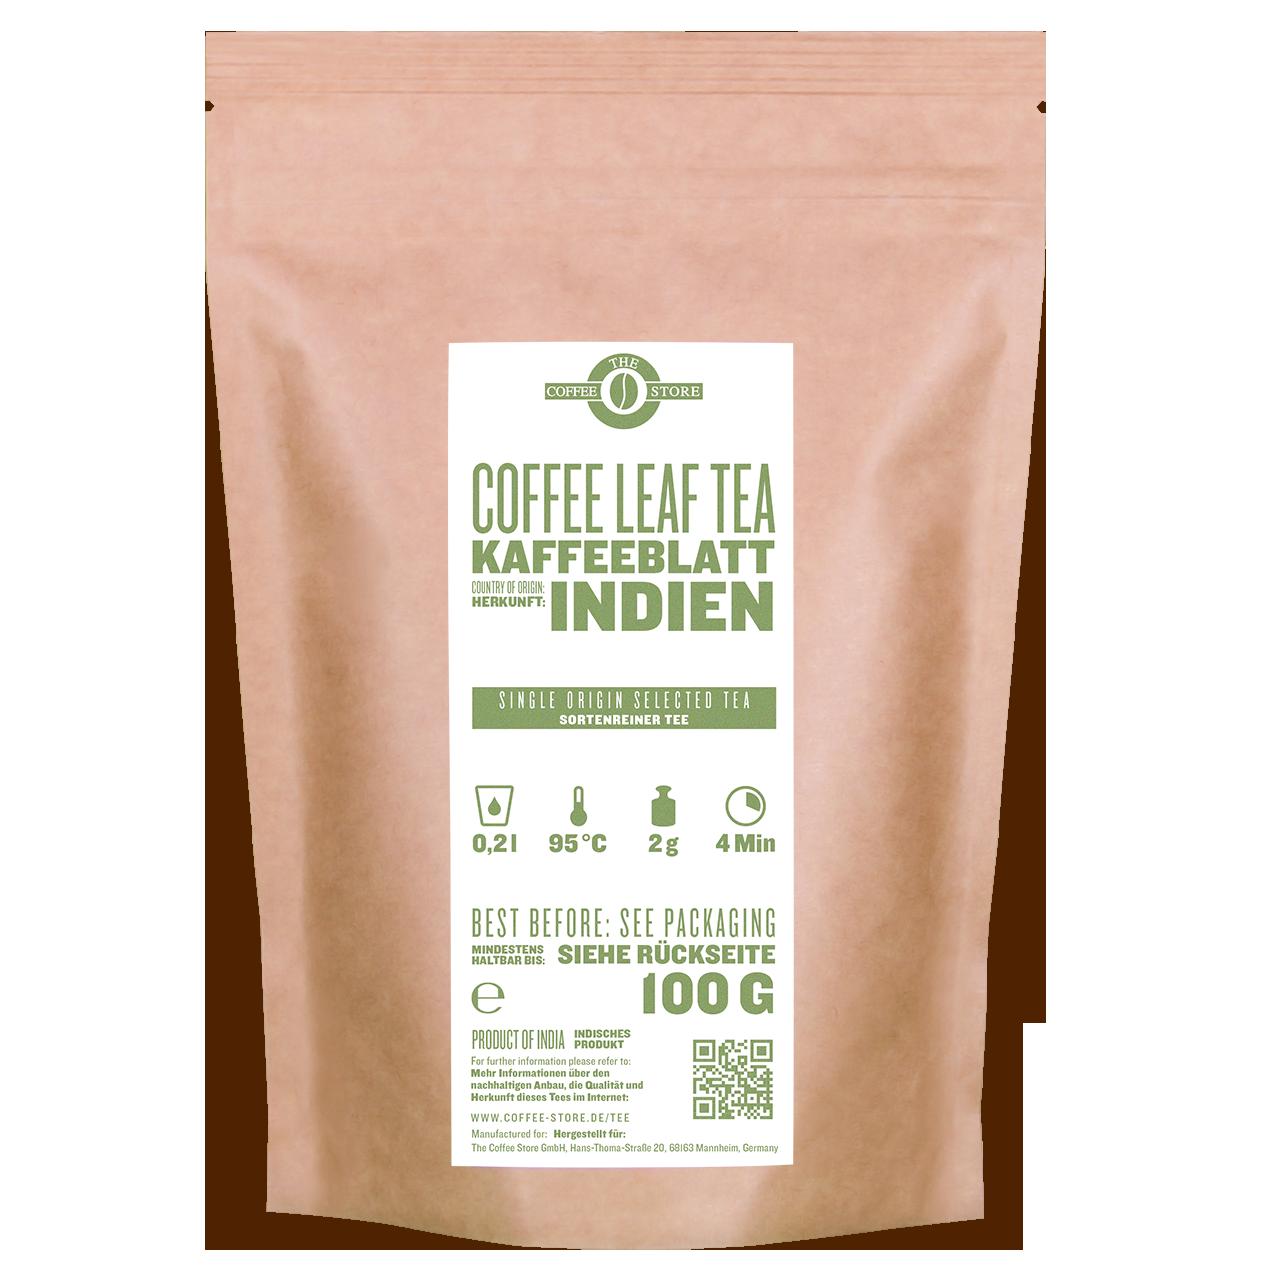 Kaffeeblatt-Tee